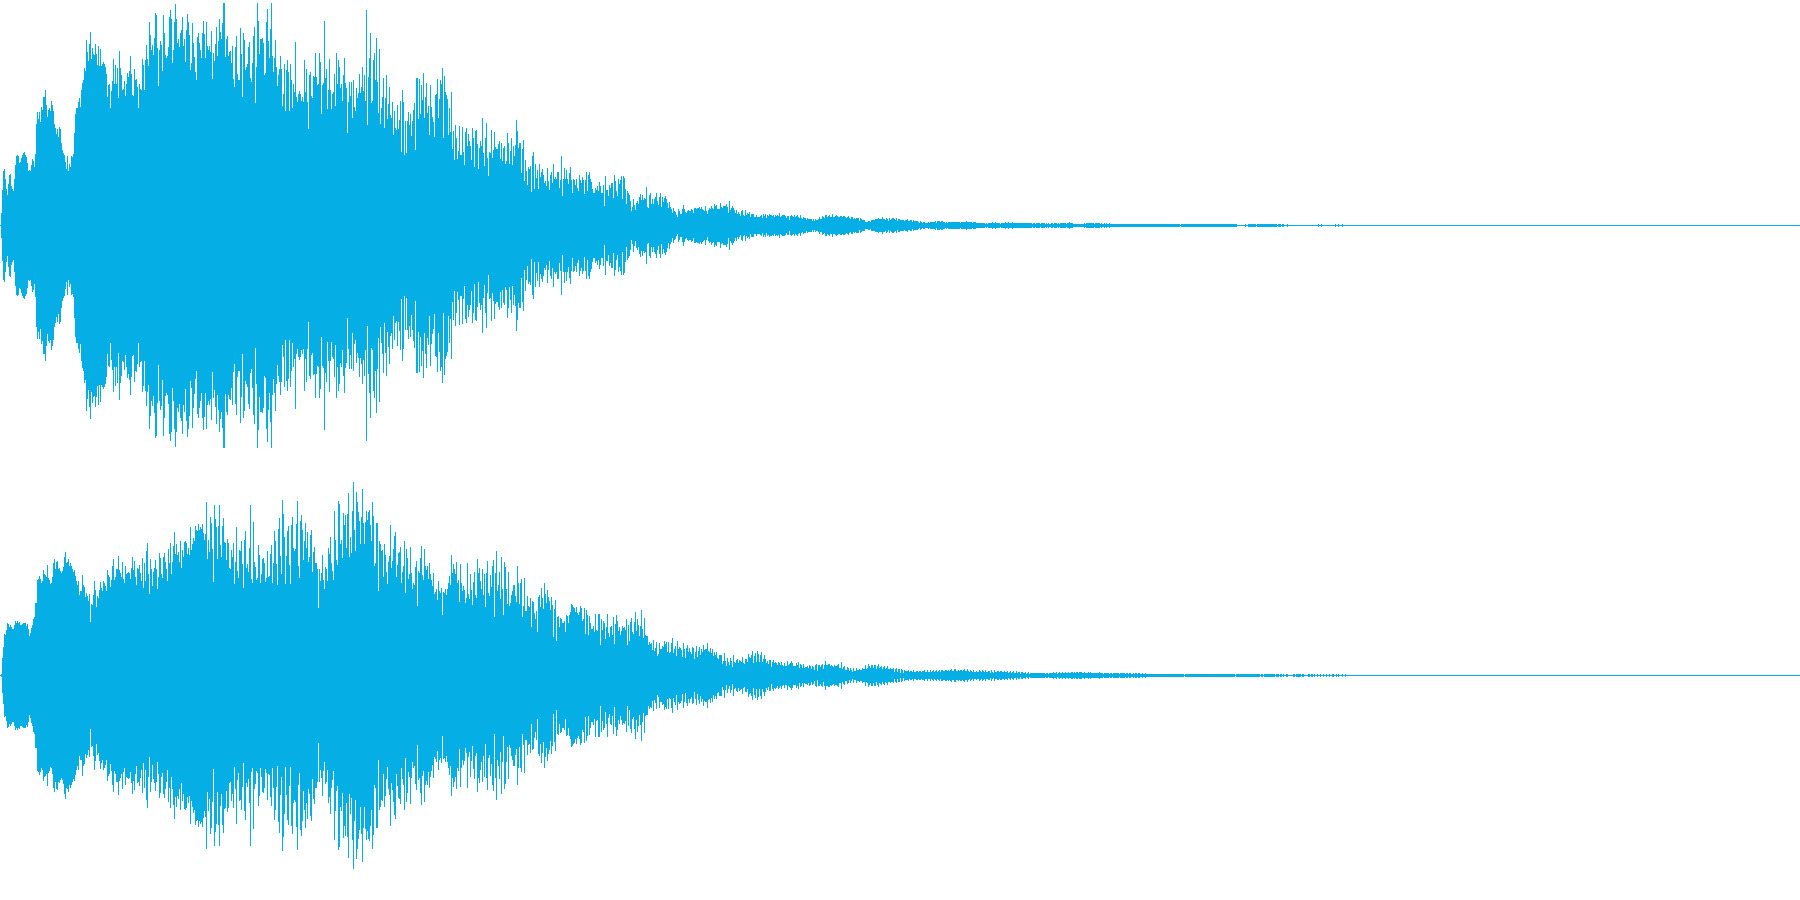 クリスマス ジングルベル キラキラ 01の再生済みの波形